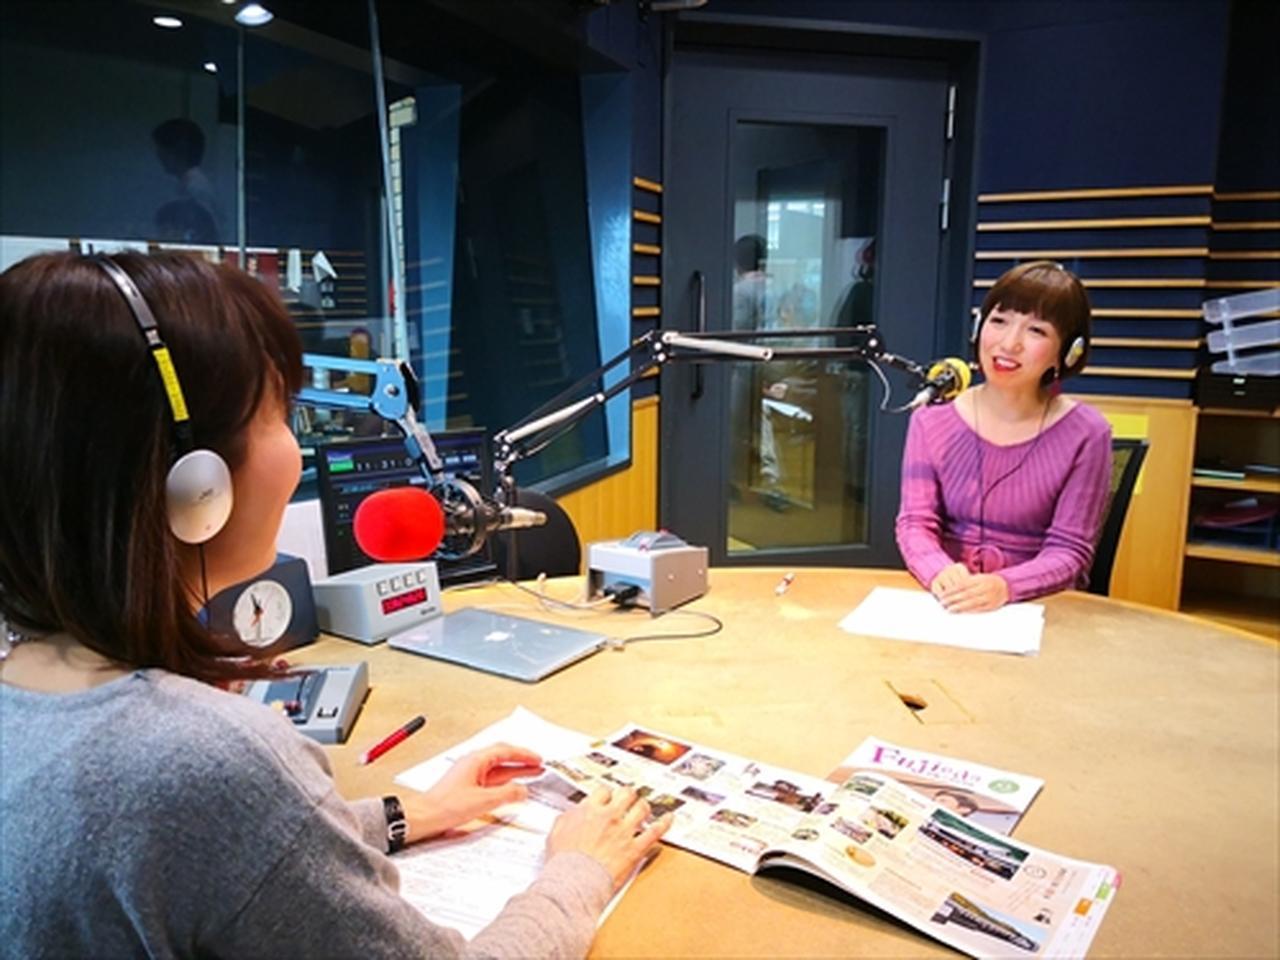 画像2: 武庫川女子大学ラジオ- MUKOJO ラジオ - 第91回-放送後記